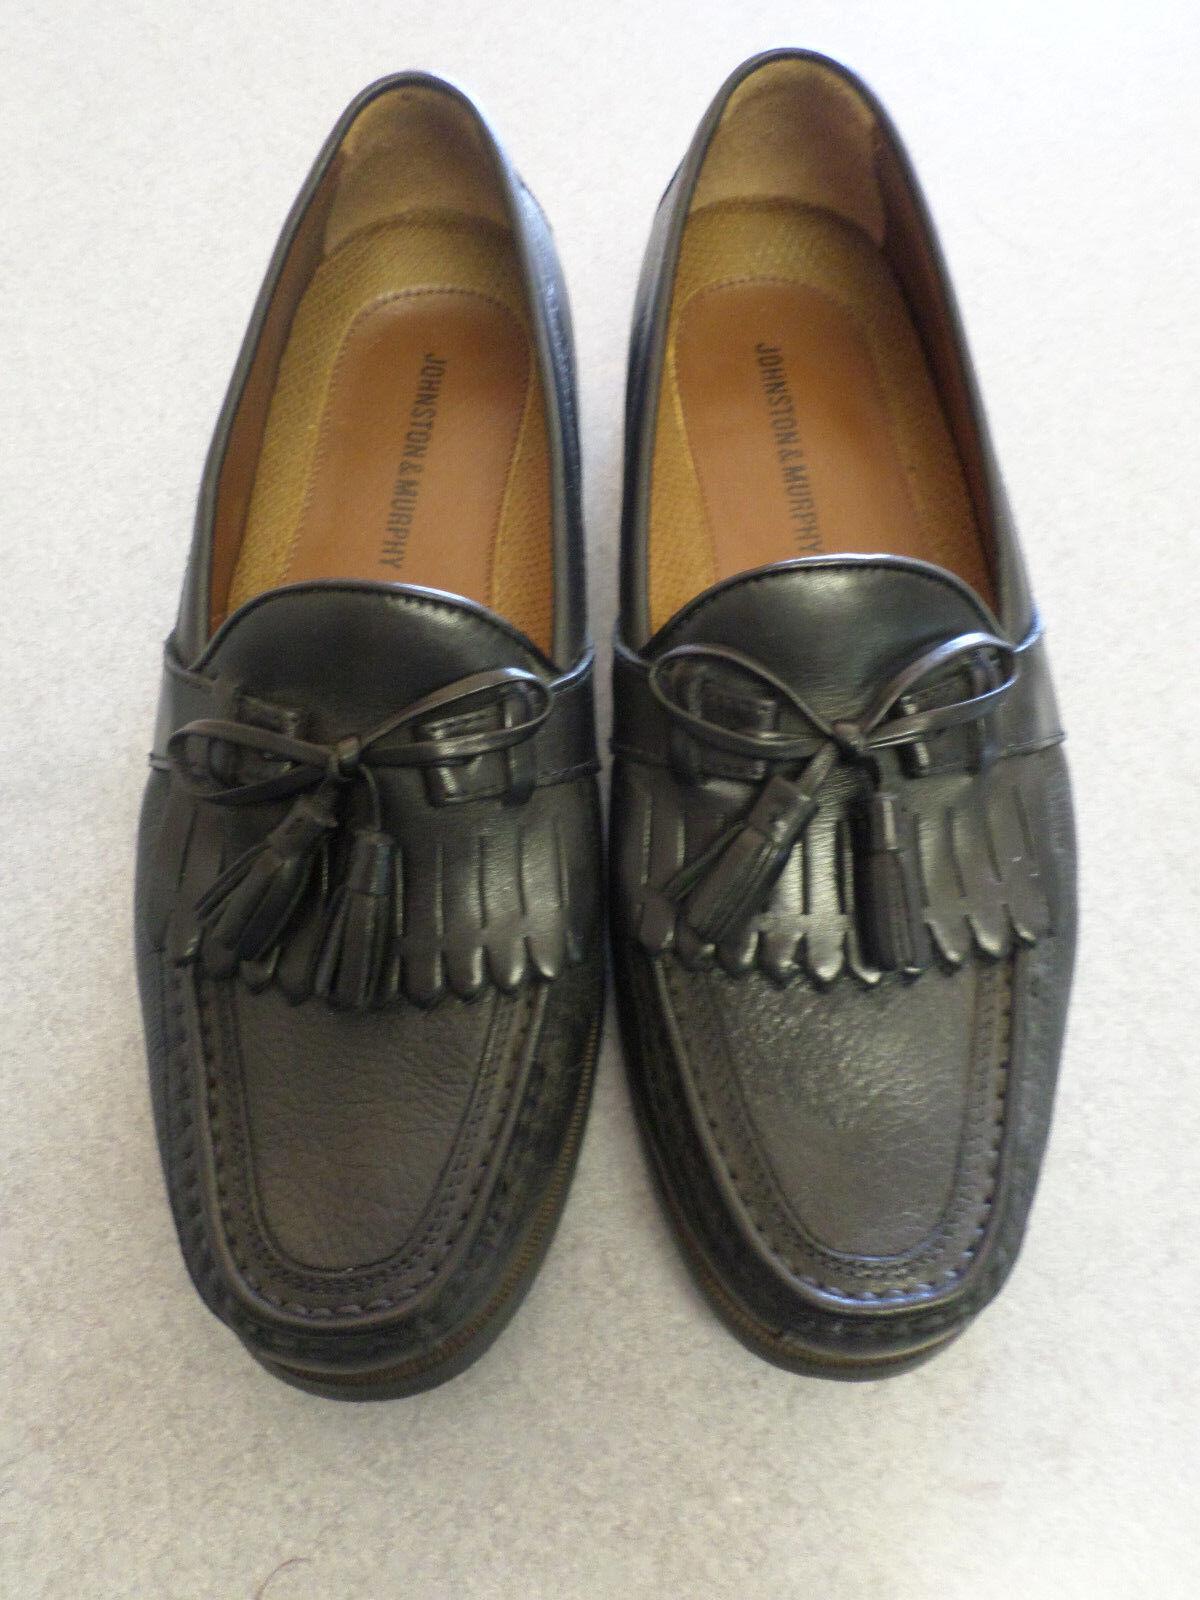 Johnston & Murphy black leather kiltie tassel loafers. Men's 8.5 Wide